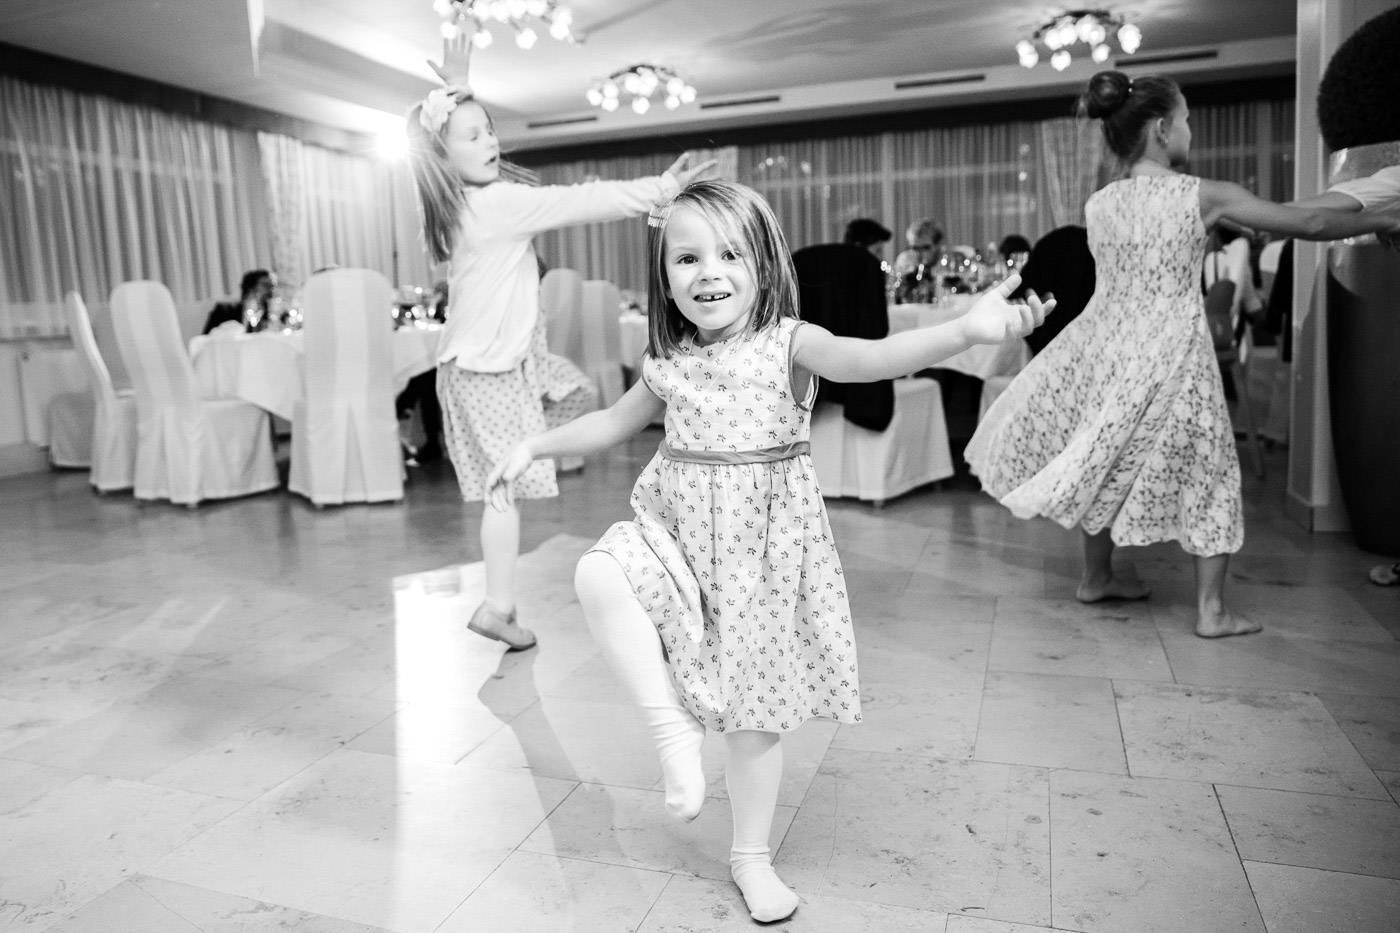 aschenputtel-hochzeitsfotograf-kinder-party-lans-tirol